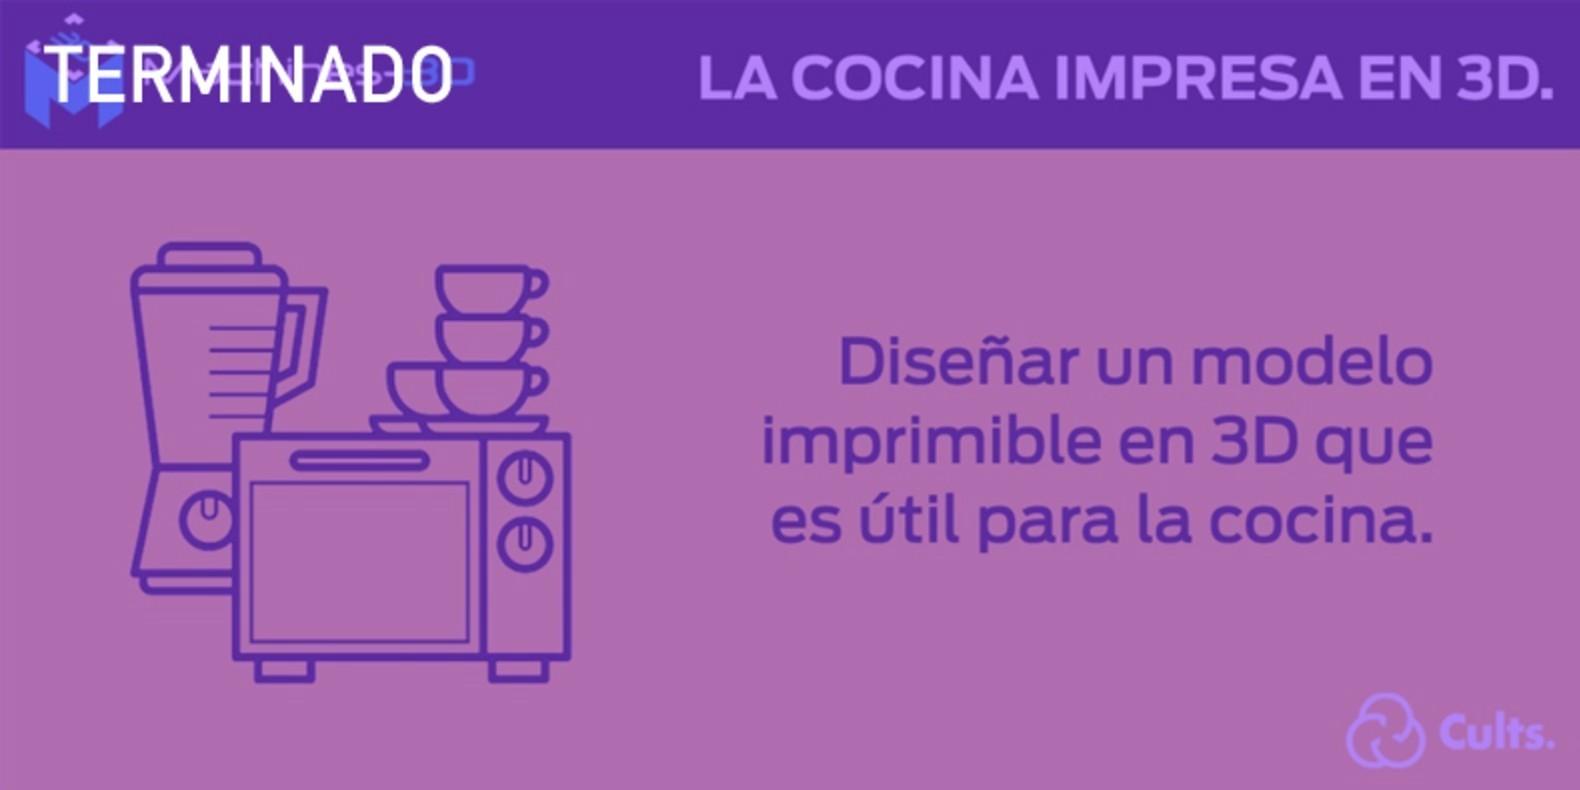 El reto del diseño y la impresión 3D en la cocina.